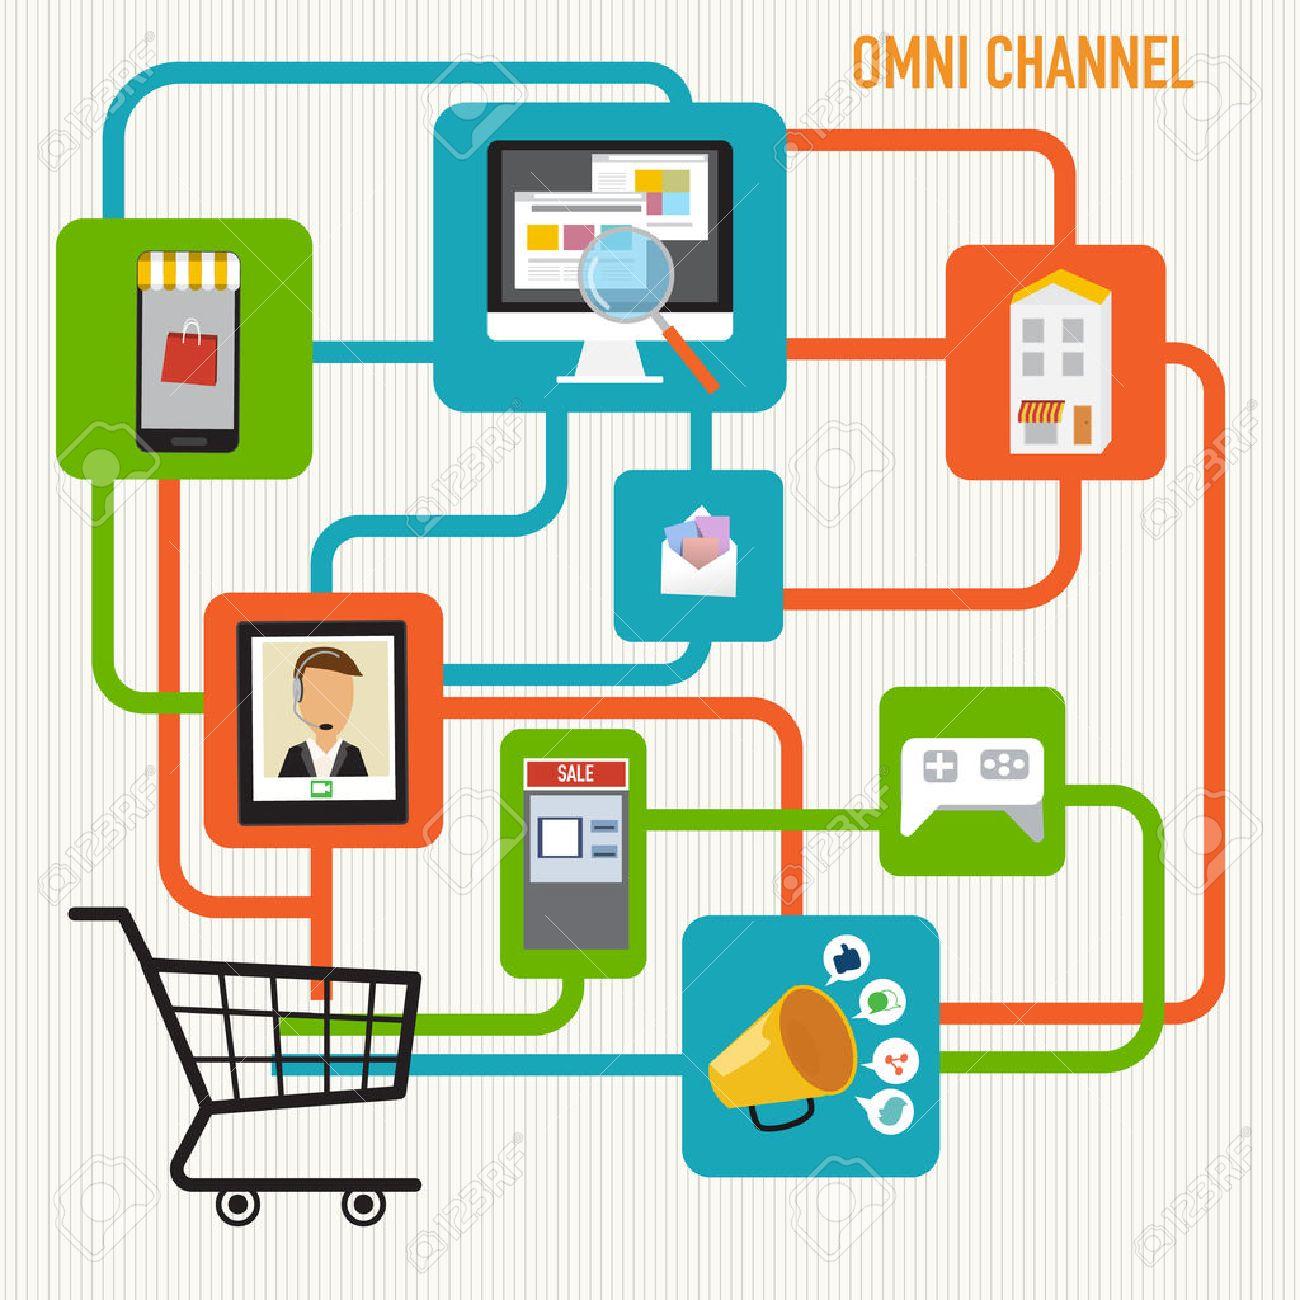 OMNI-Channel-Konzept Für Das Digitale Marketing Und Online-Shopping ...